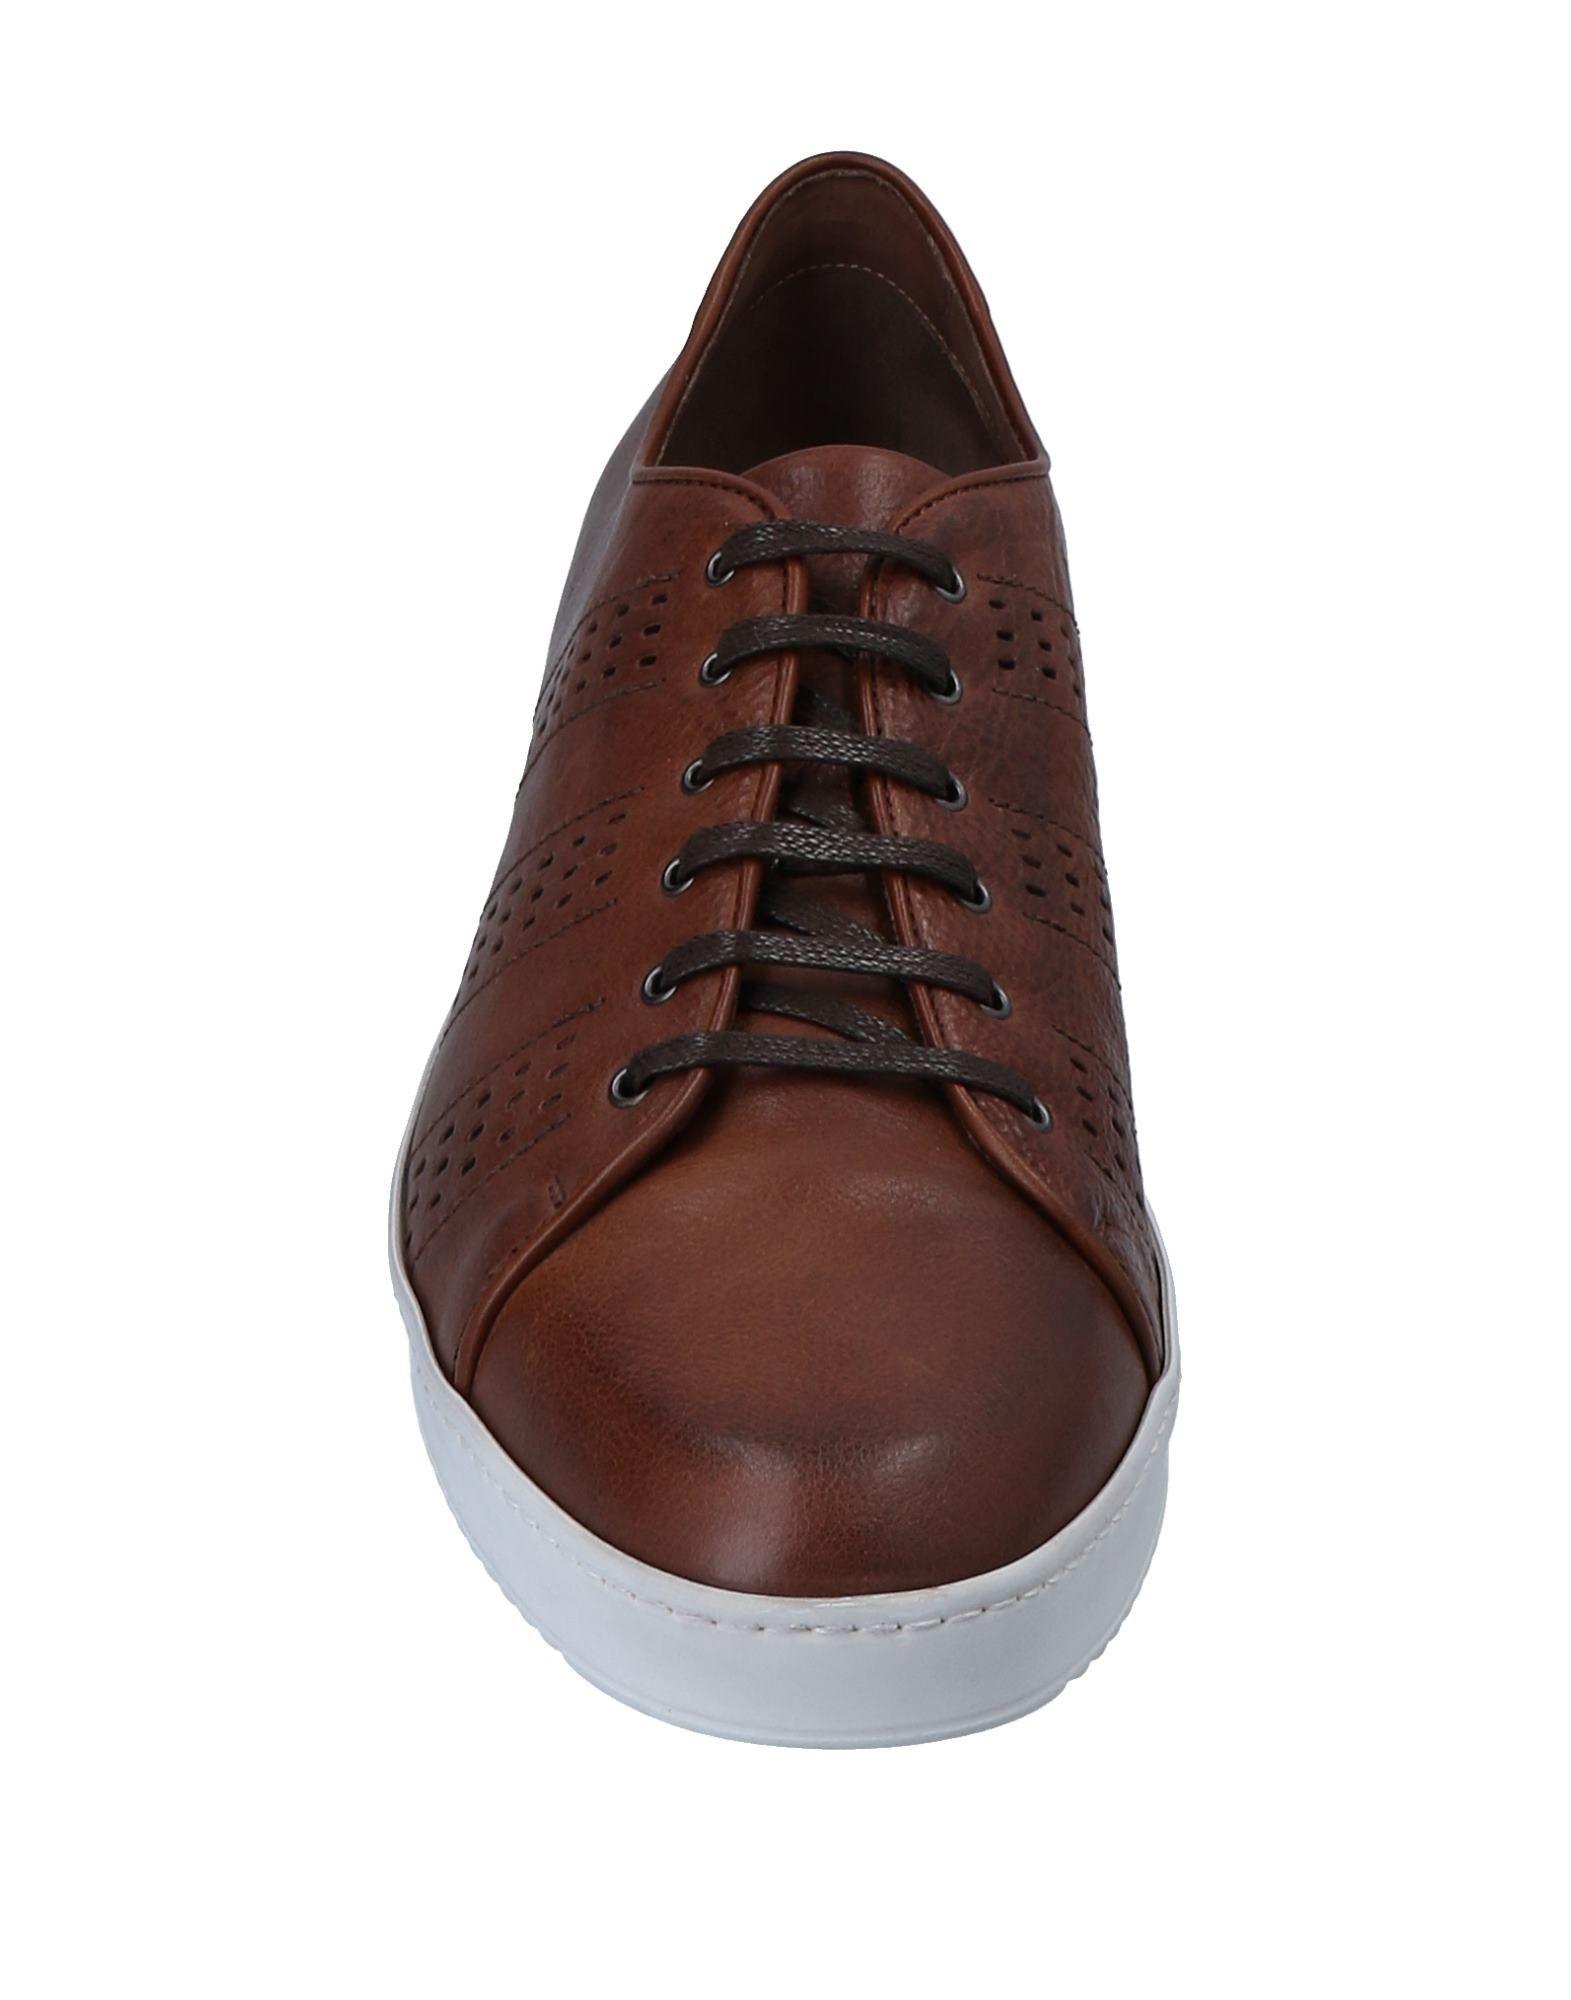 Rabatt echte  Schuhe Morandi Sneakers Herren  echte 11554739QS b29b8d